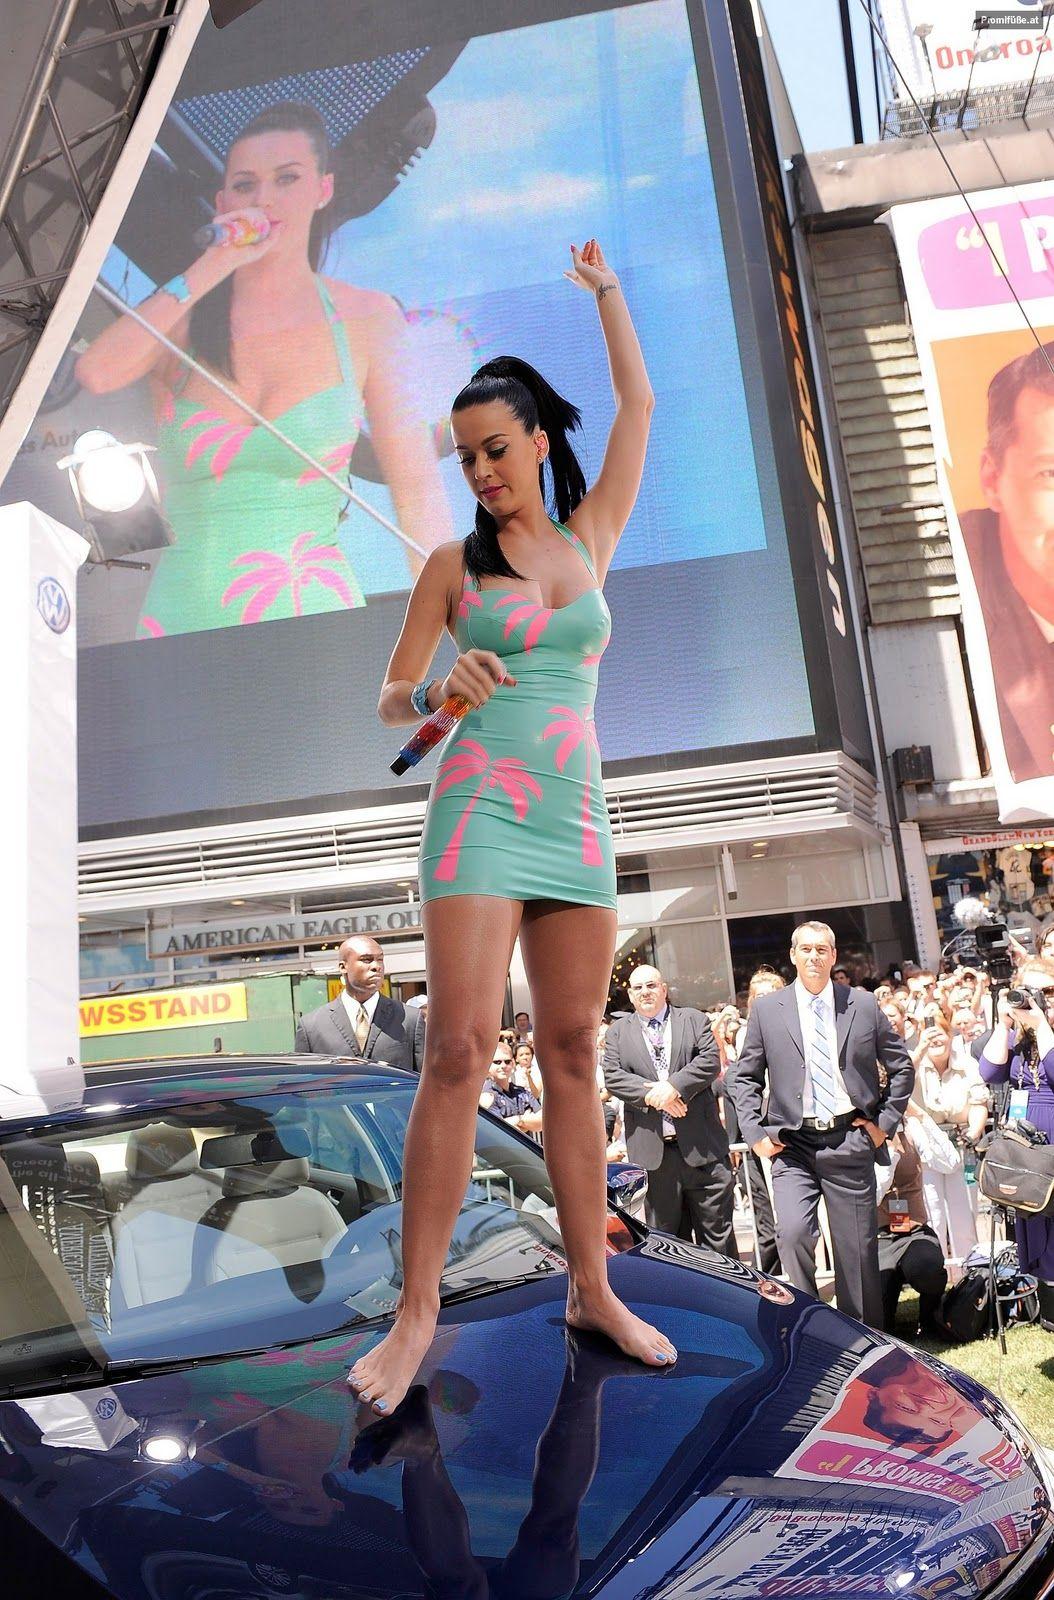 http://4.bp.blogspot.com/-4oWFxSBARCQ/Tu71HOA0kSI/AAAAAAAAAwE/XYO9-amBckU/s1600/Katy+Perry+Legs+and+Feet.jpg